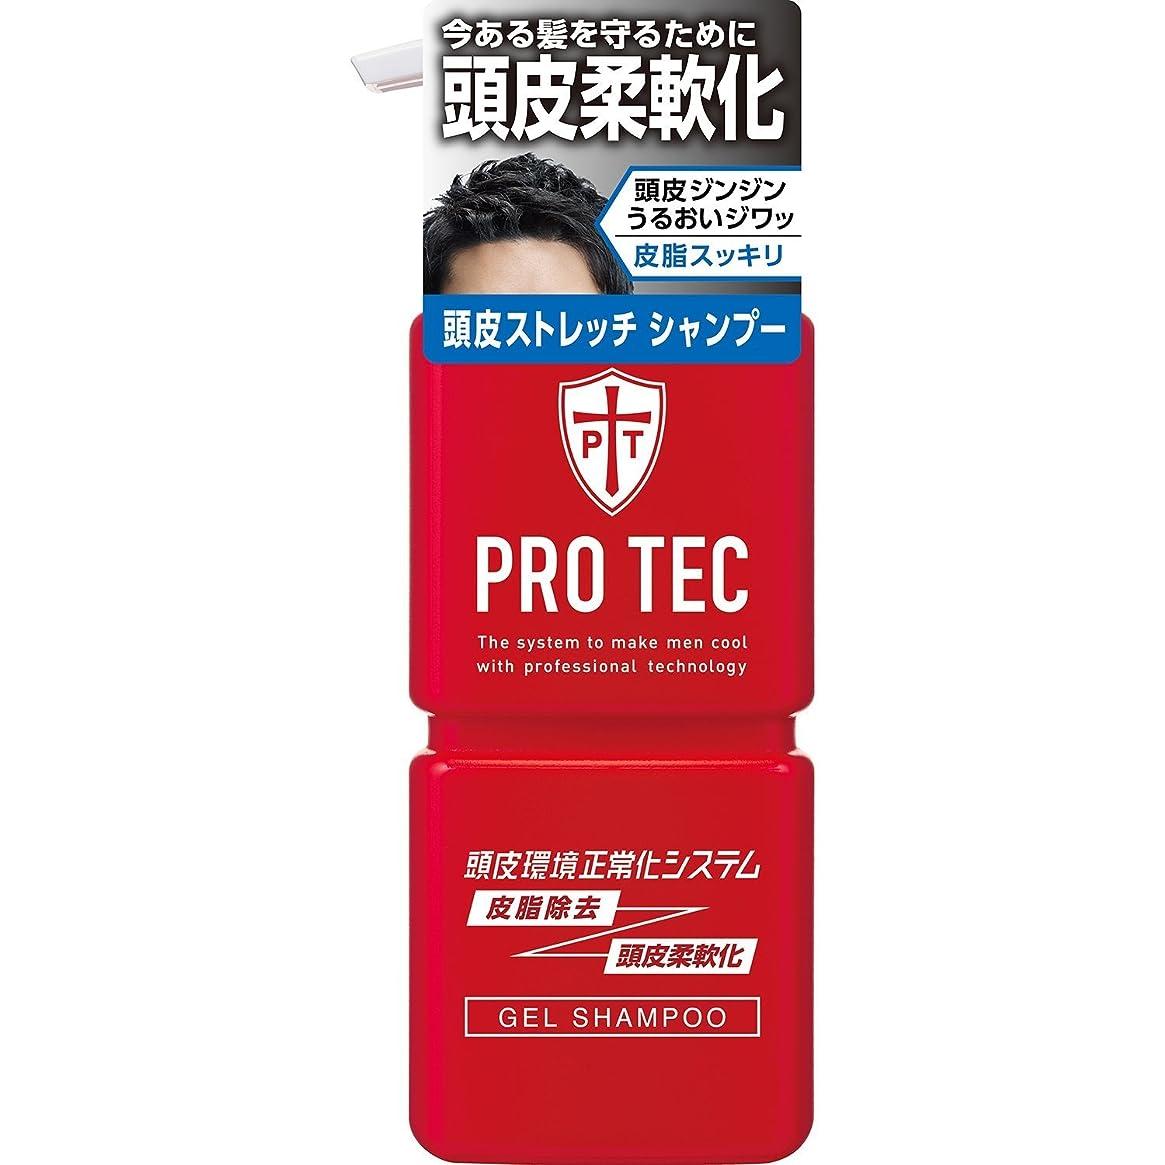 標高故障パン屋PRO TEC(プロテク) 頭皮ストレッチ シャンプー 本体ポンプ 300g(医薬部外品)